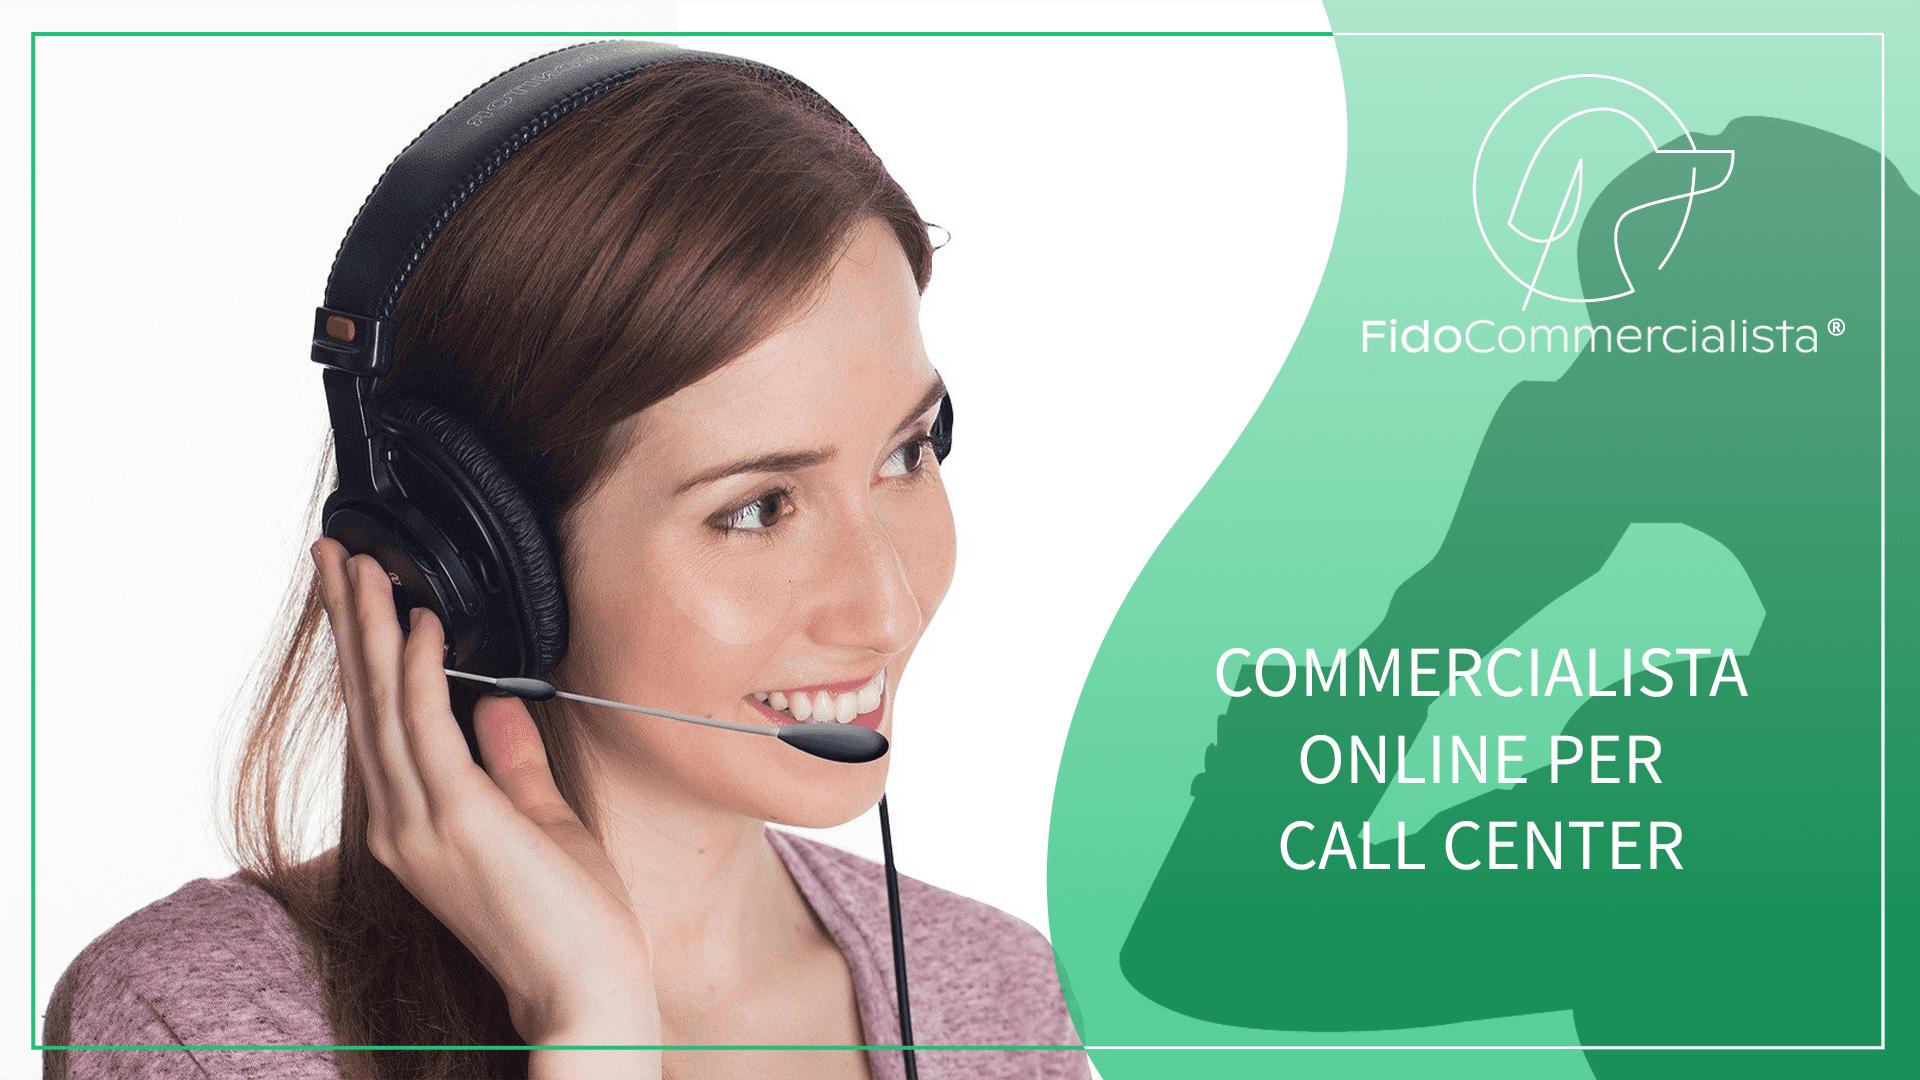 CALL CENTER (1)